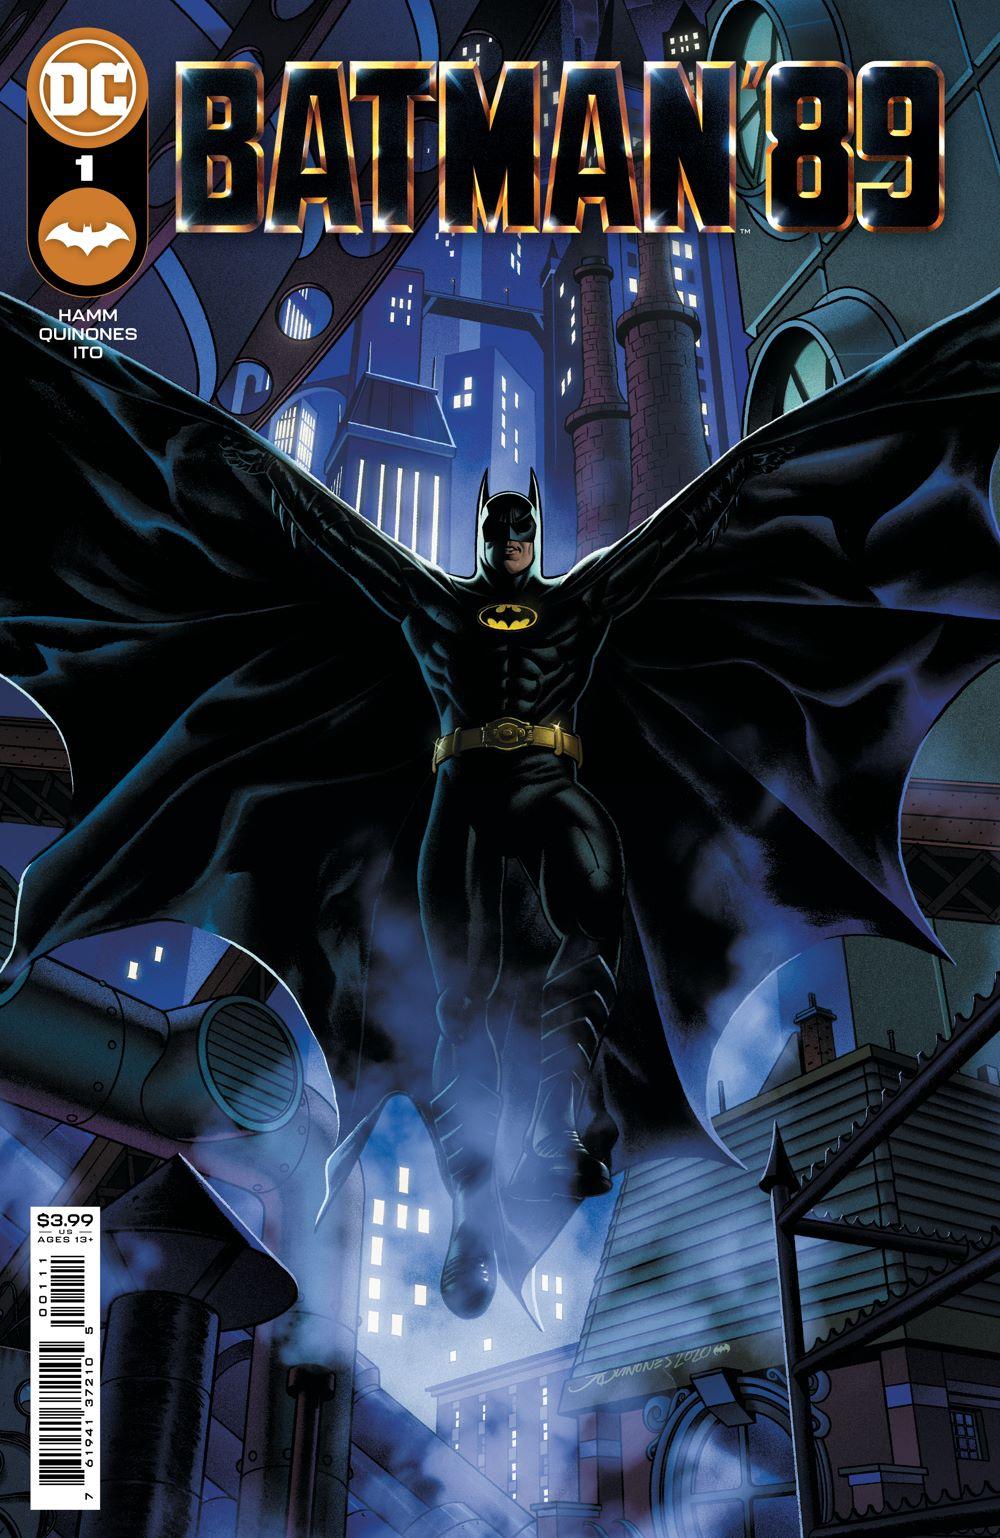 BATMAN89_Cv1 DC Comics August 2021 Solicitations